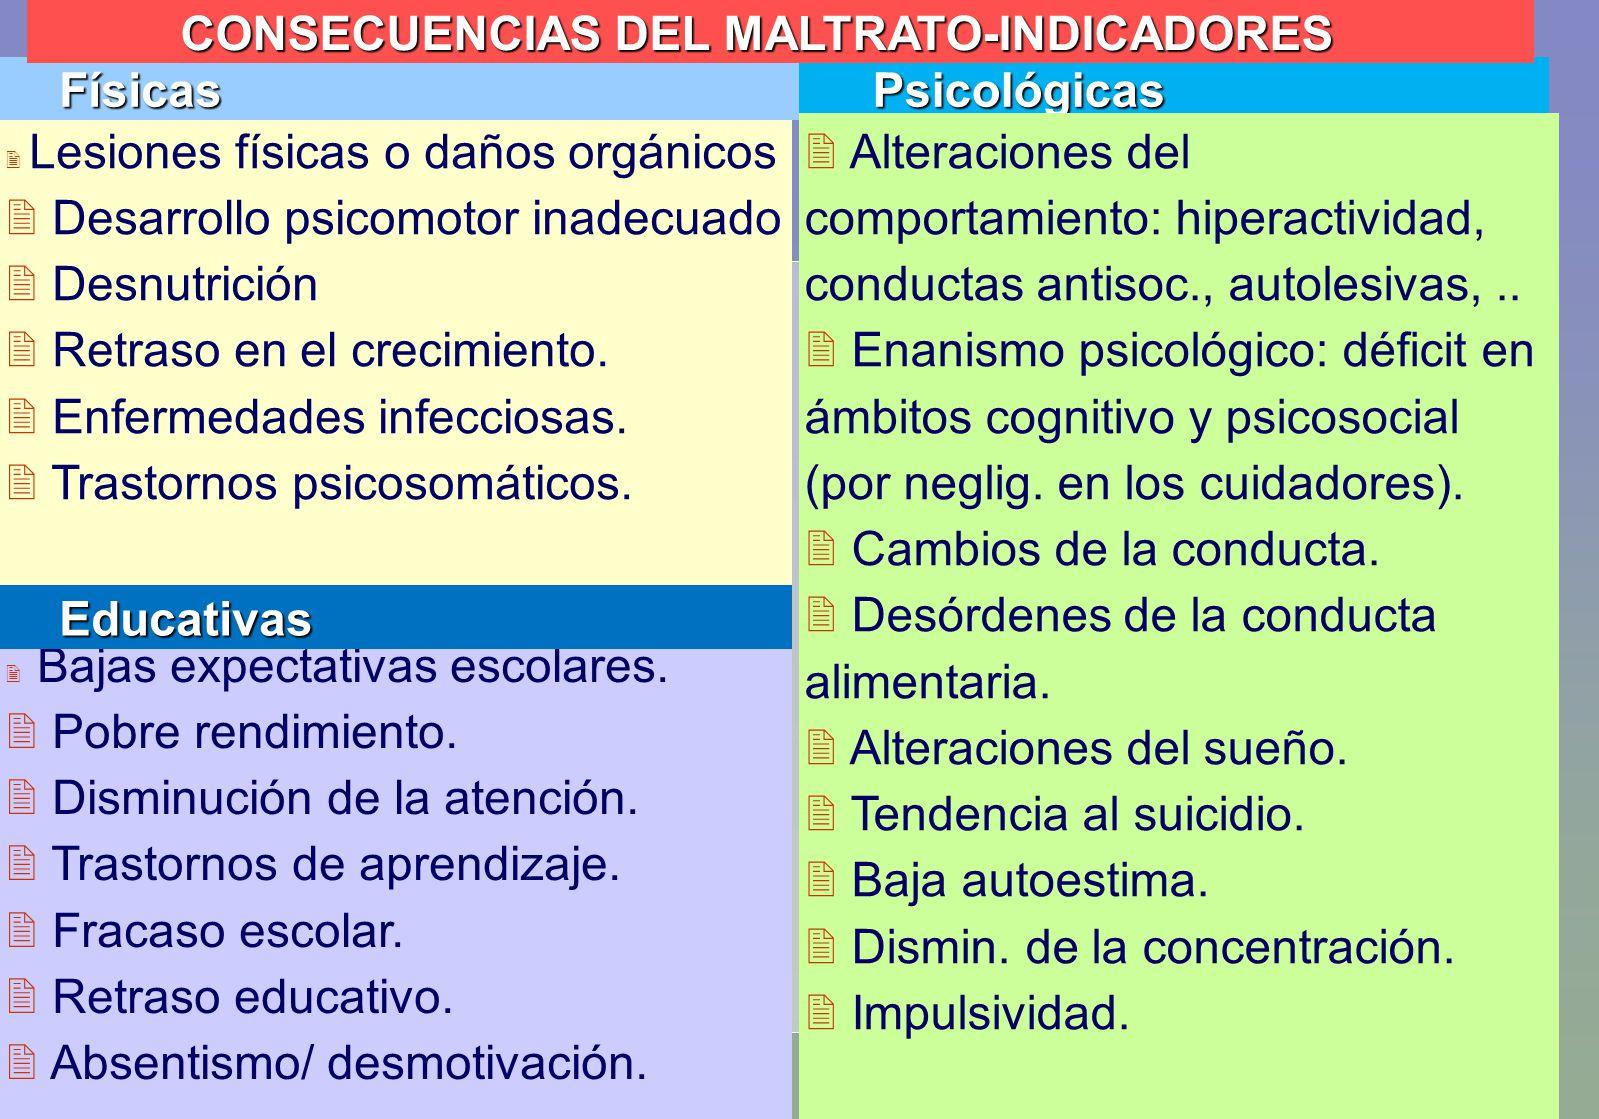 11/08/1210  Lesiones físicas o daños orgánicos  Desarrollo psicomotor inadecuado  Desnutrición  Retraso en el crecimiento.